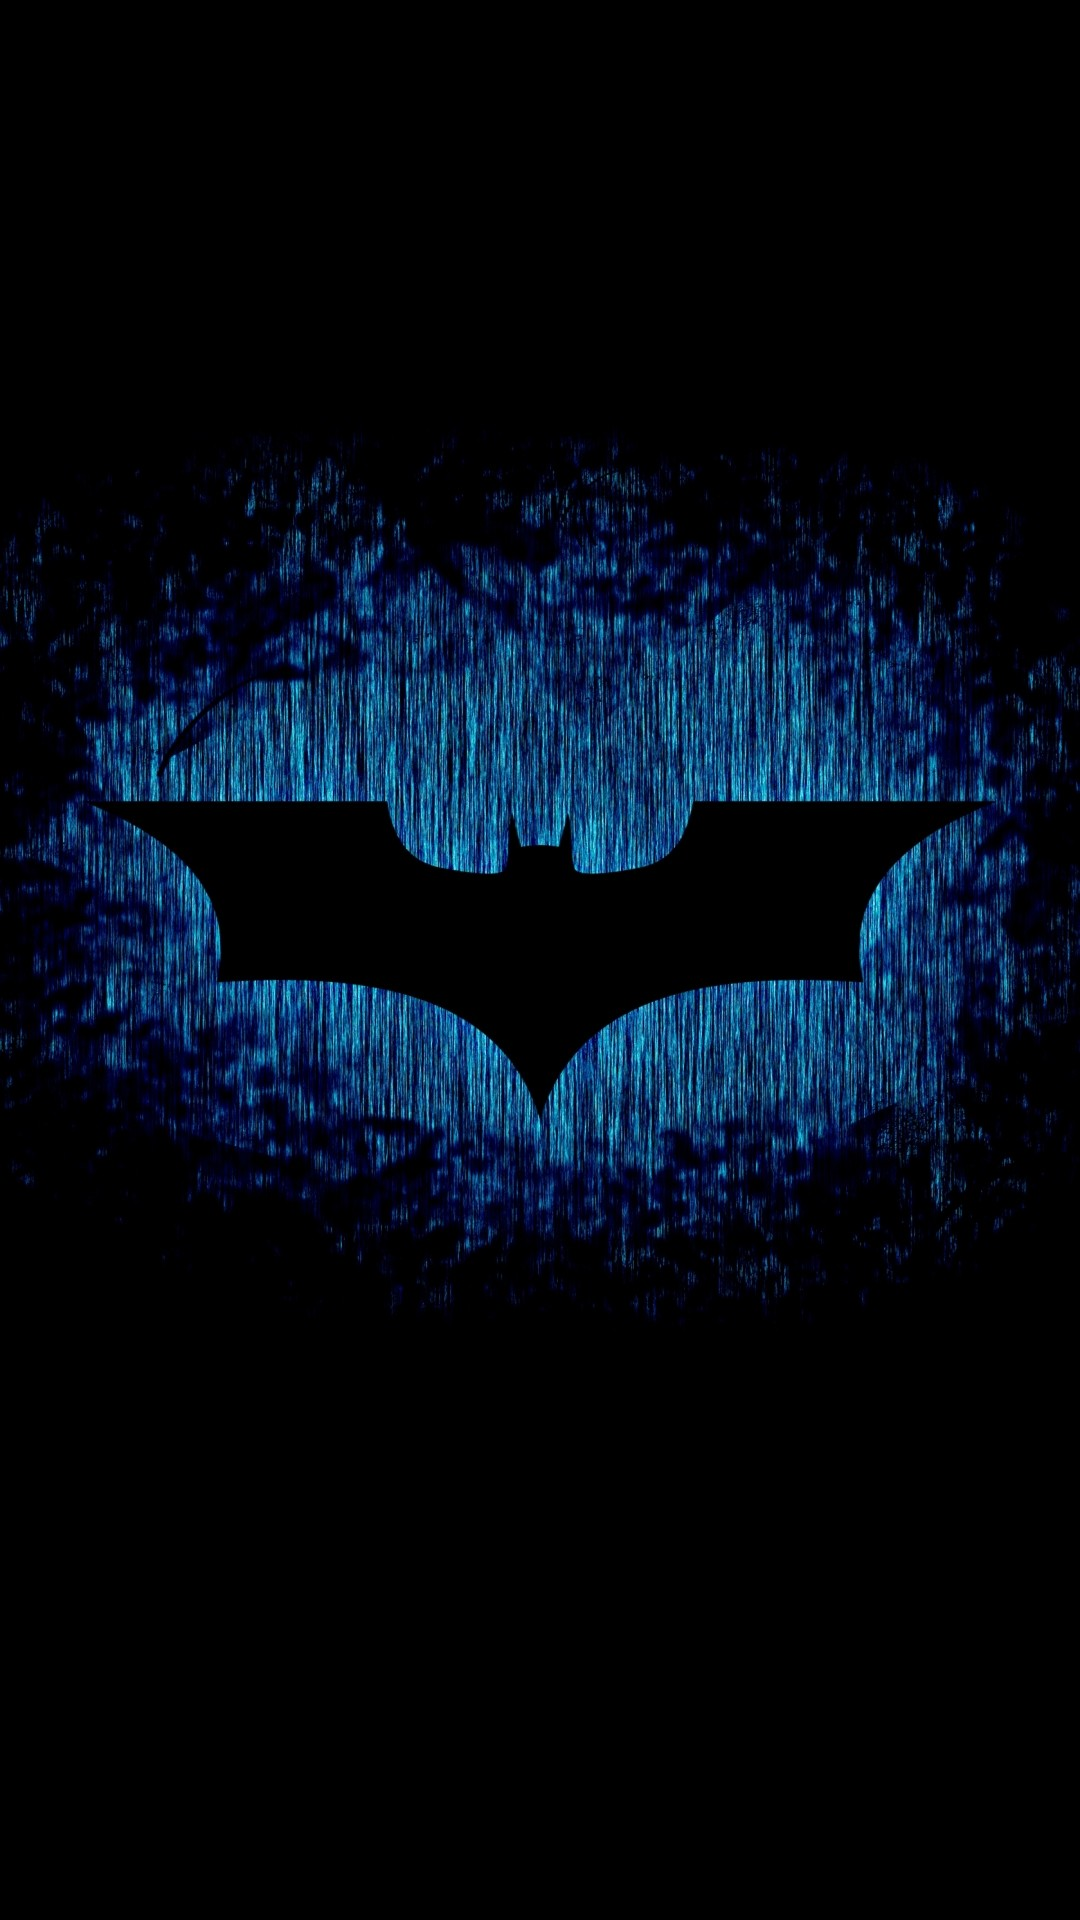 Batman Iphone Wallpaper hd.